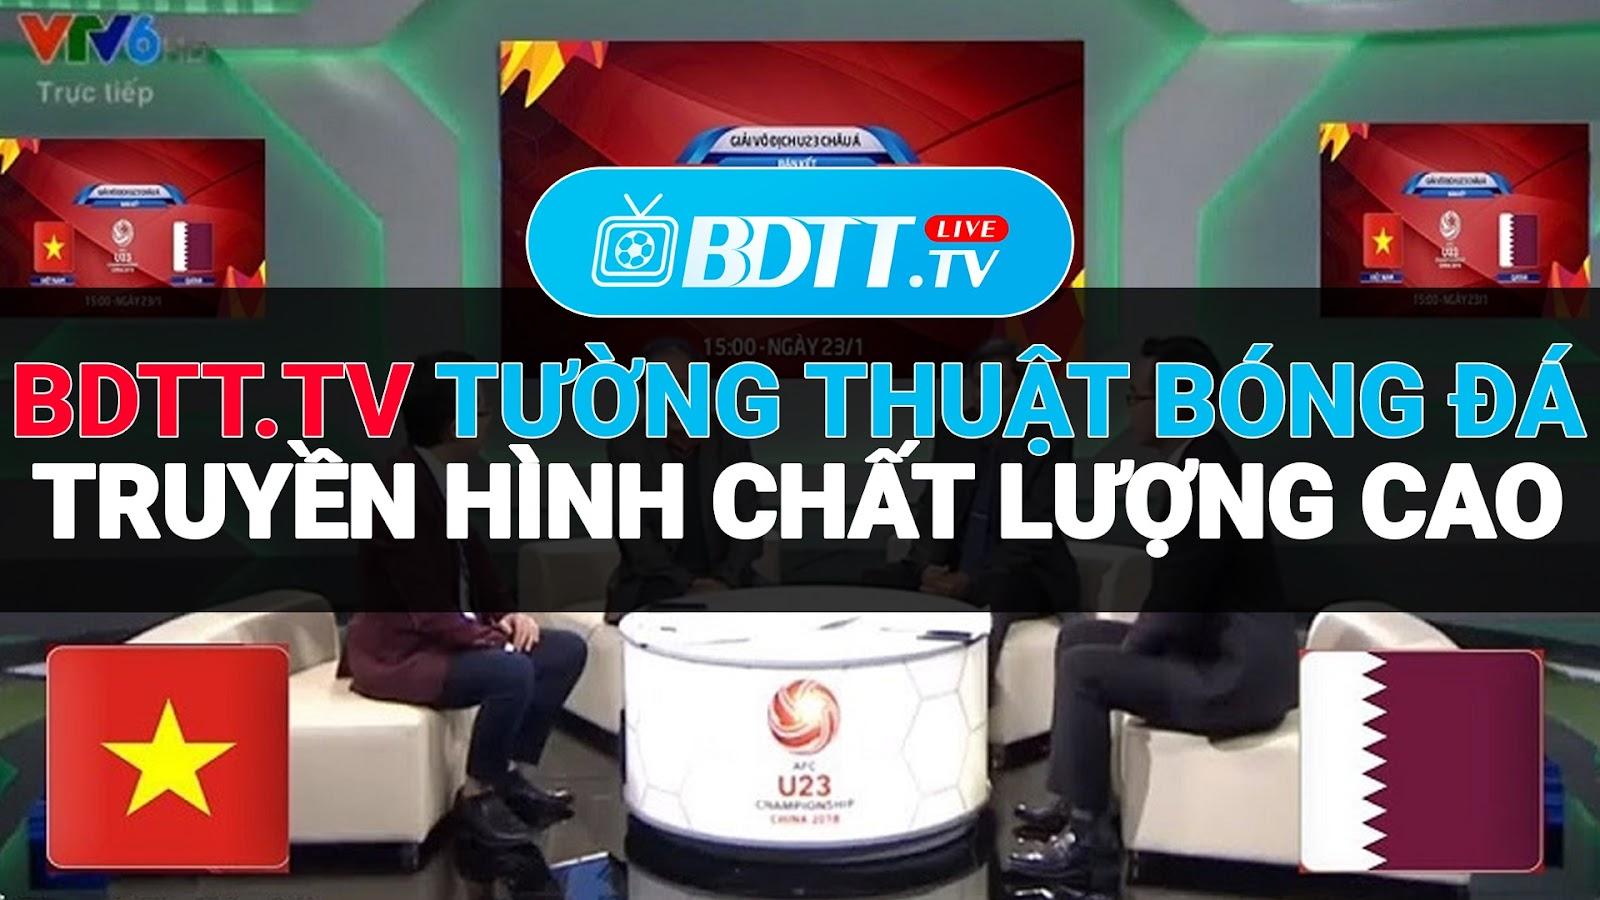 BDTT.tv - Xem trực tiếp bóng đá miễn phí truyền hình chất lượng cao, là kênh giúp bạn có thể xem trực tiếp bóng đá chất lượng cao, mượt mà, không lo quảng cáo. Hỗ trợ cung cấp nguồn link ổn định, tốc độ cao, đầy đủ và chi tiết nhất